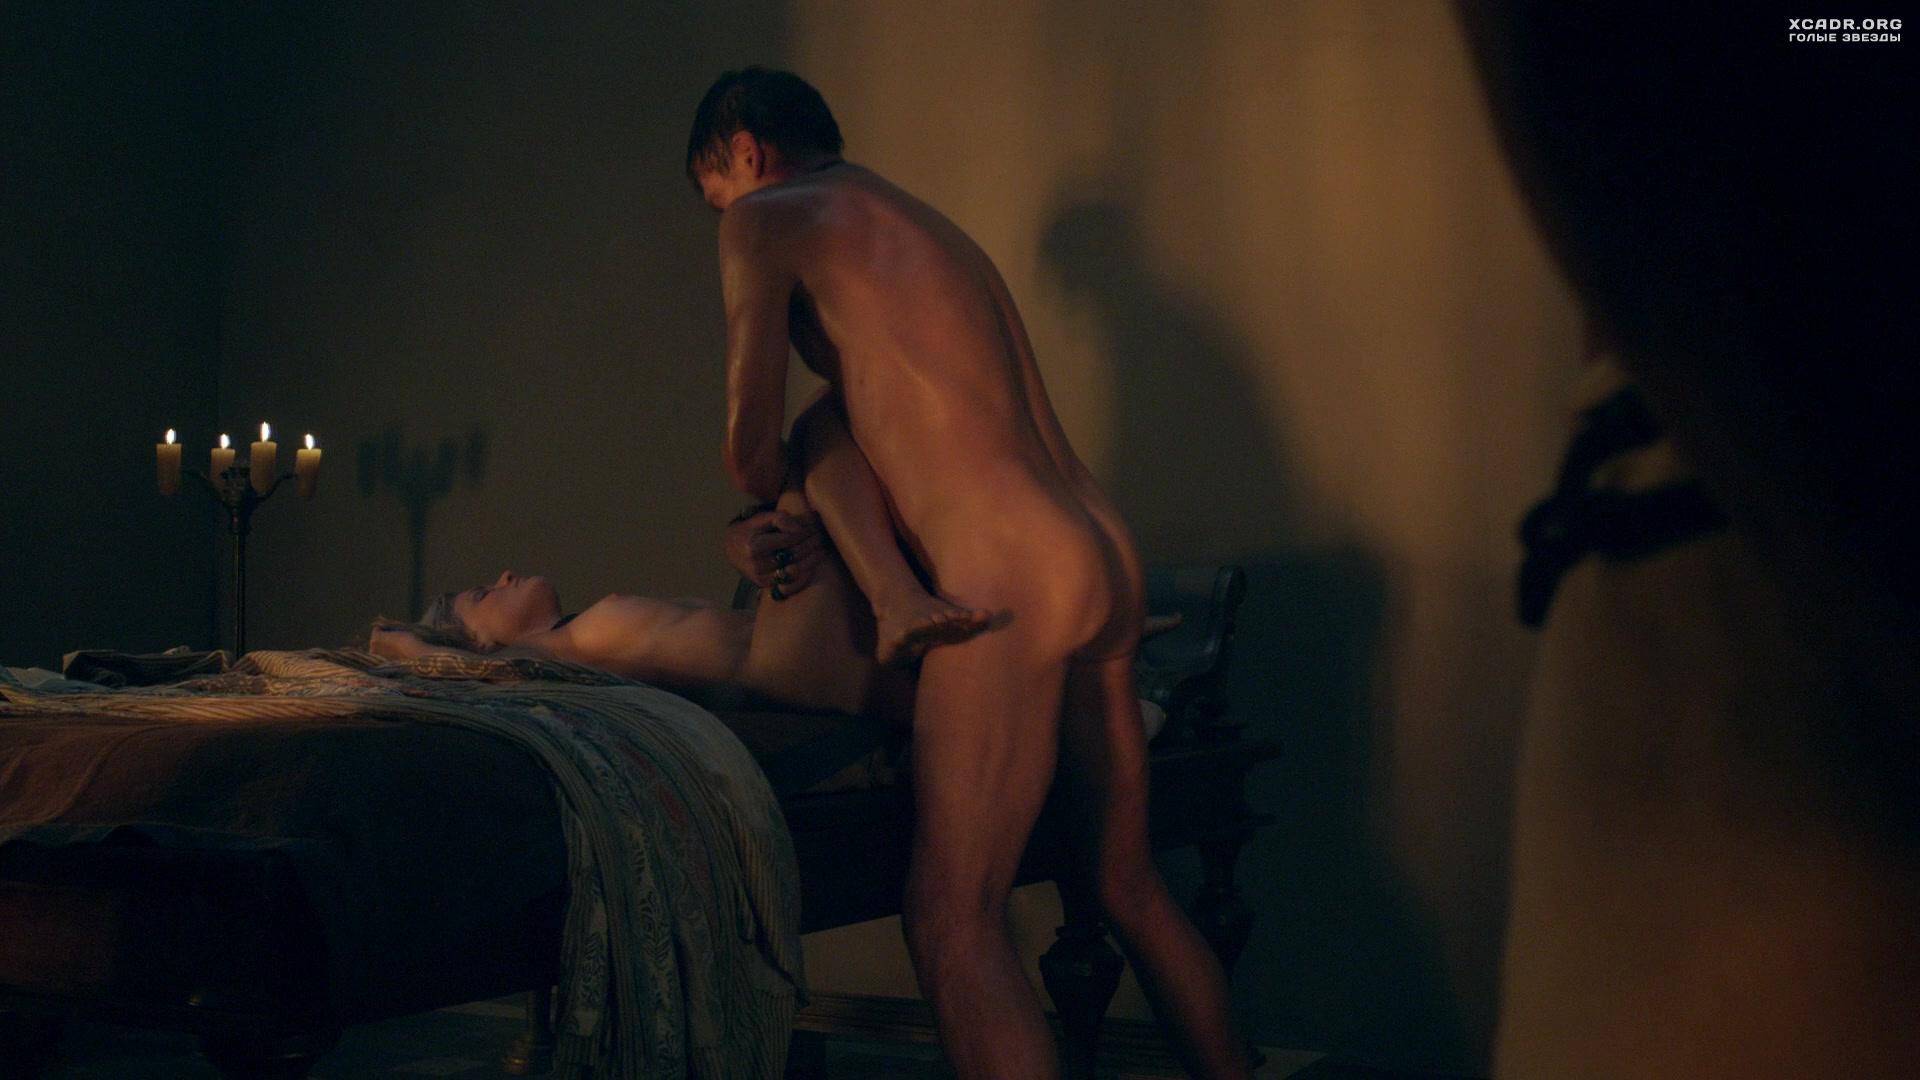 Вырезанные эротические сцены фильмов, порно трахаем мамочку все